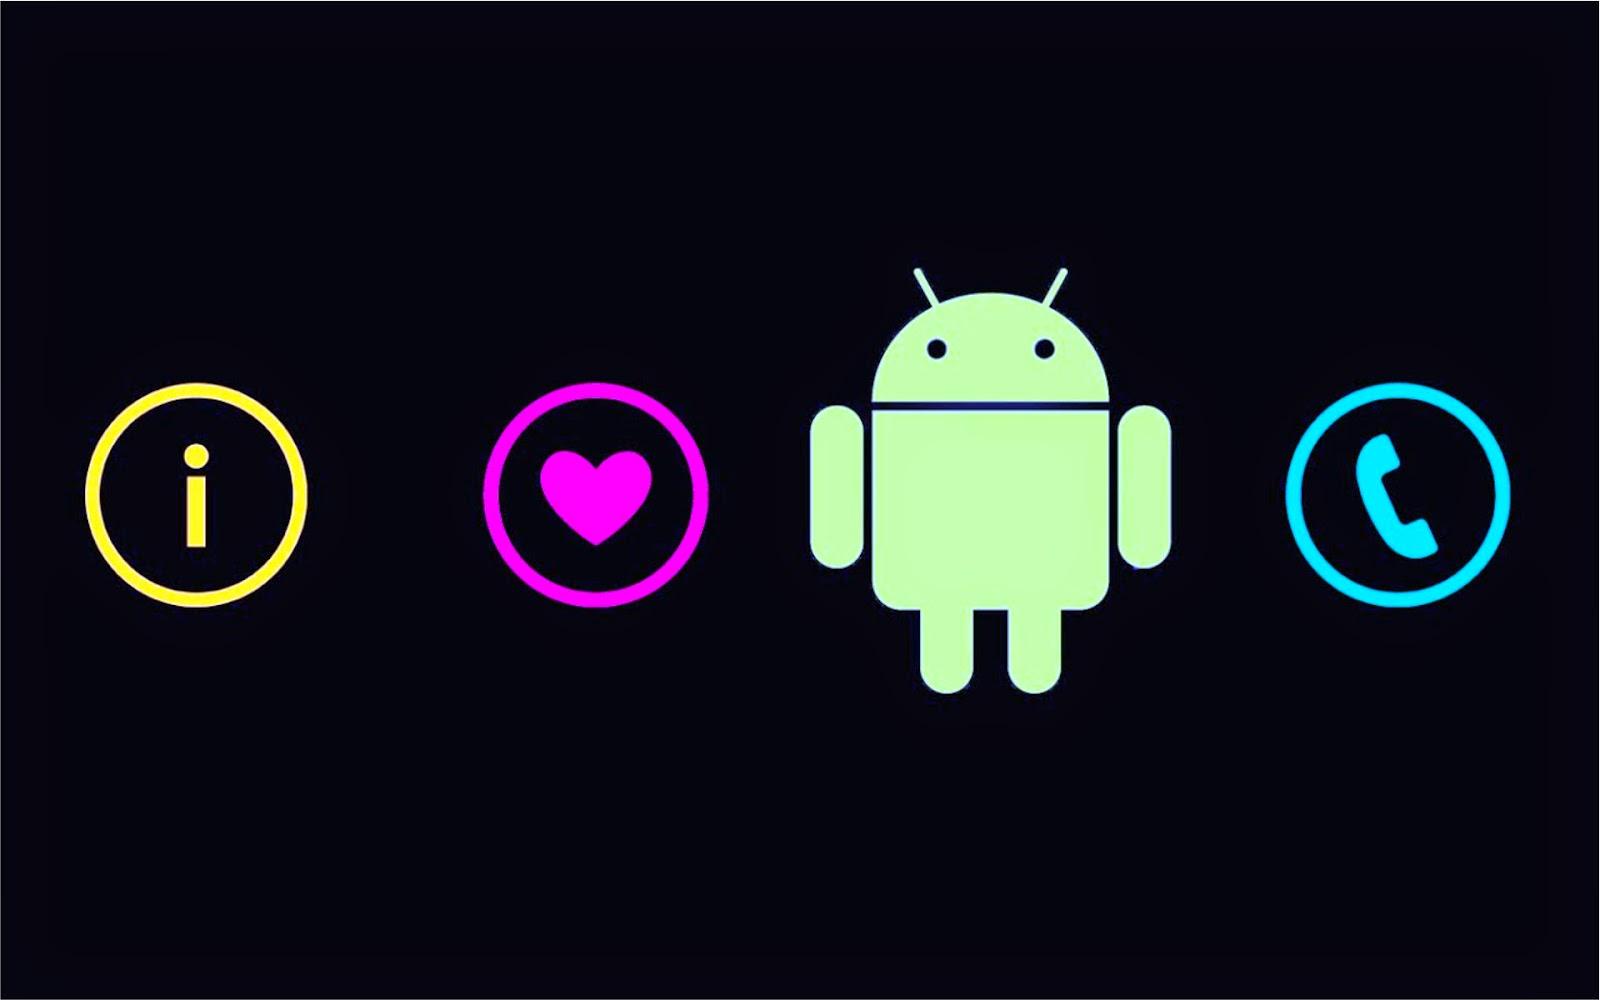 Tazmania Wallpaper Iphone 10 Wallpaper Android Black Hd Deloiz Wallpaper